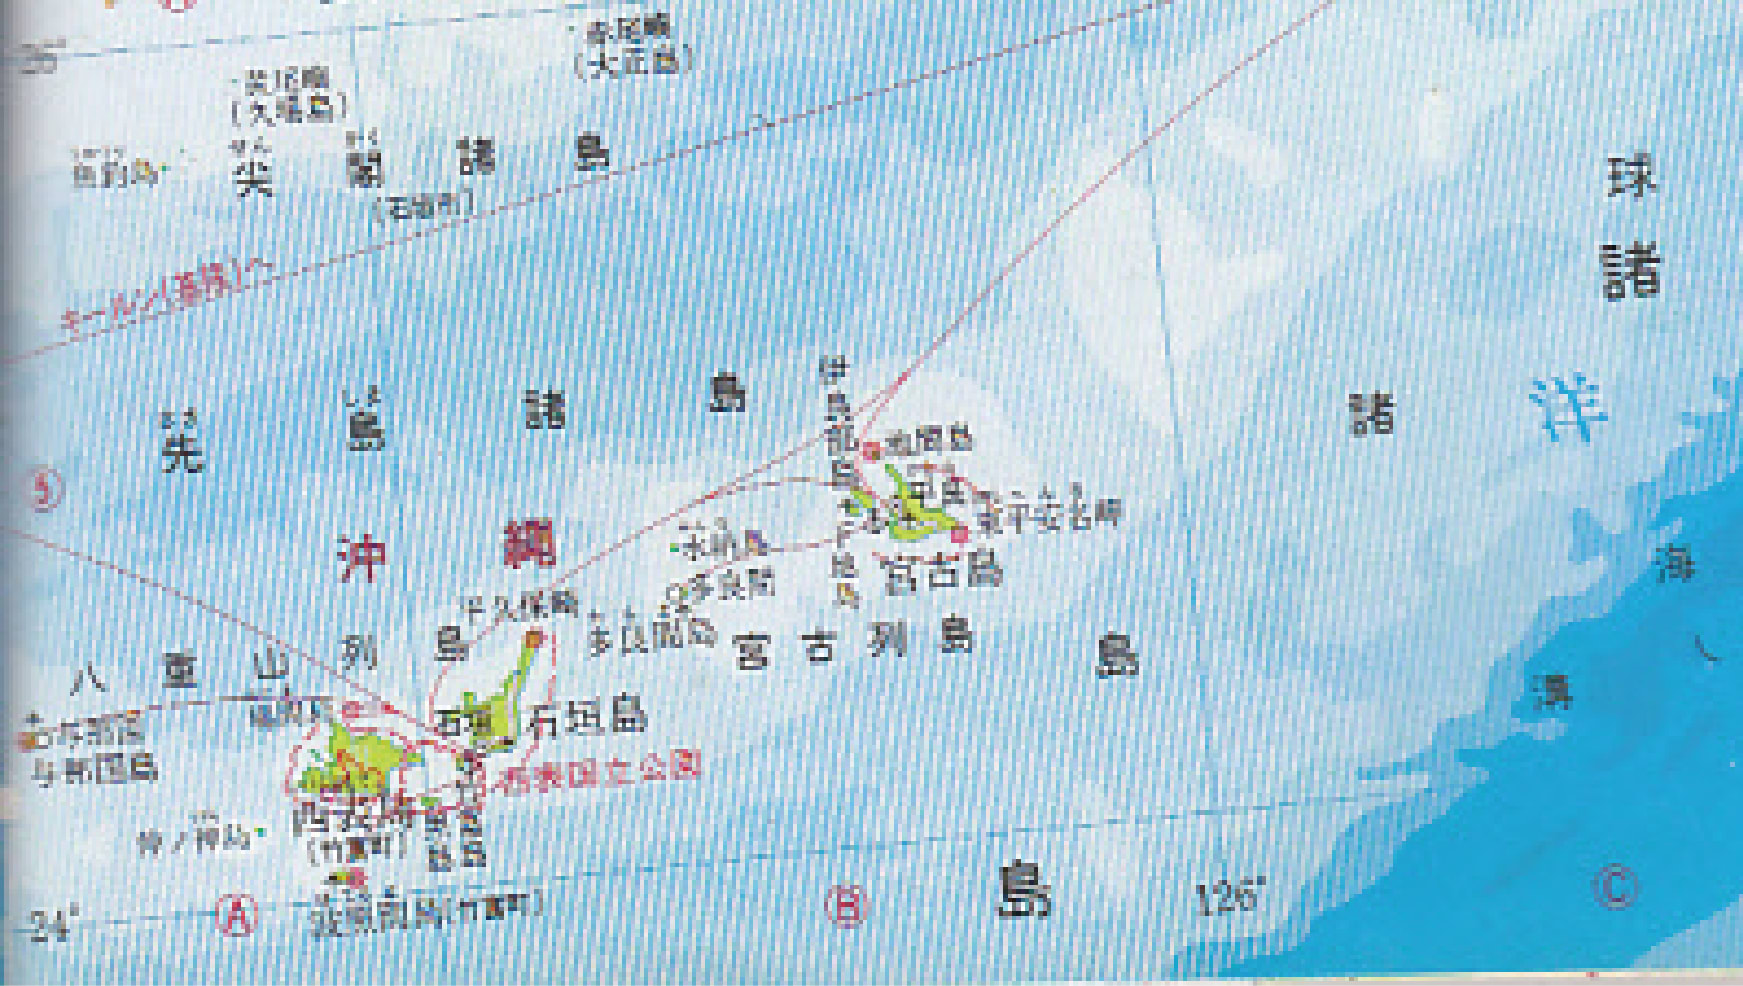 先 島 諸島 っ て どこ 尖閣諸島 - Wikipedia